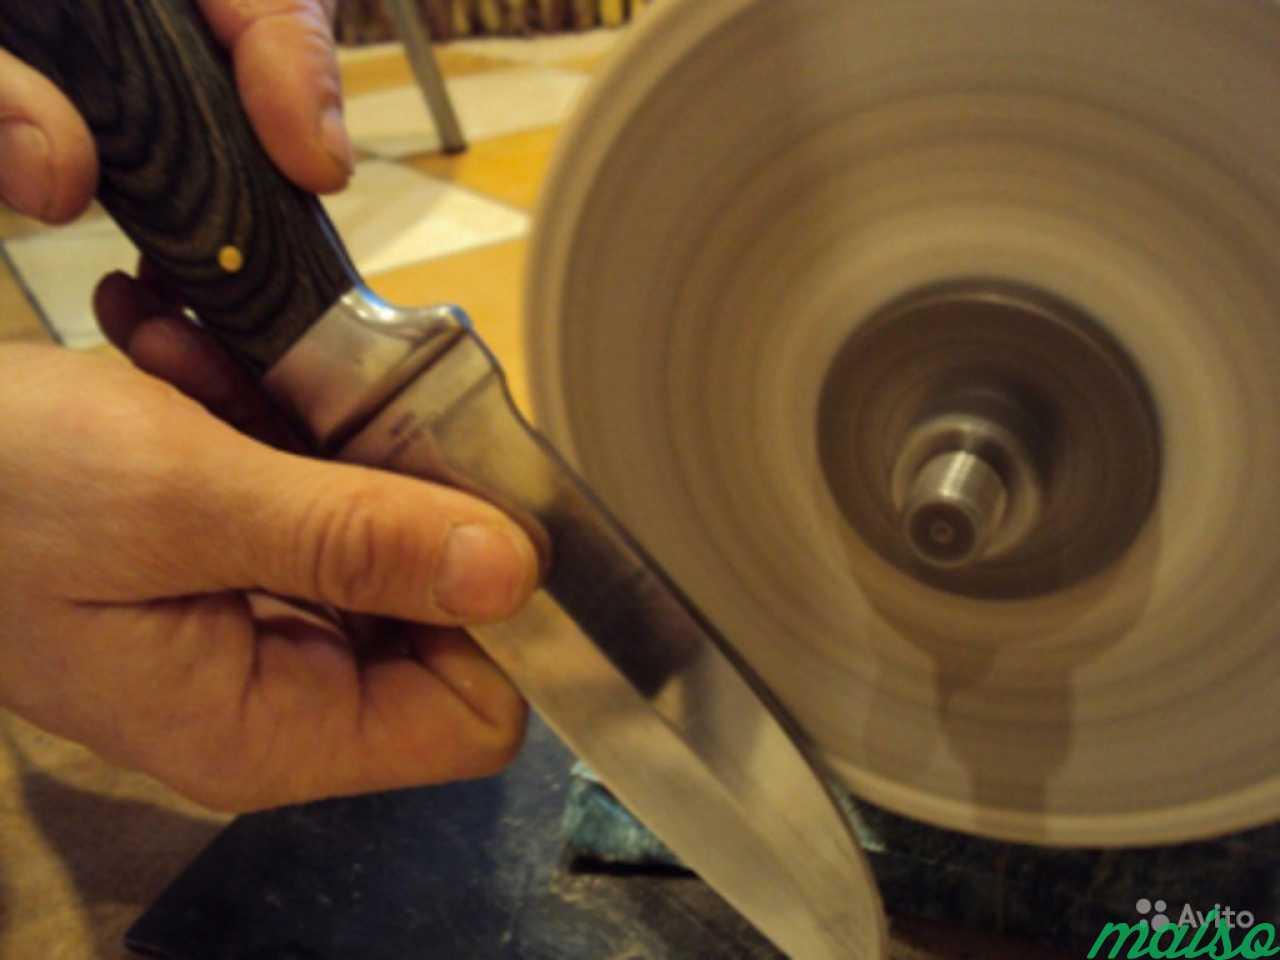 Как наточить ножницы в домашних условиях: методы, инструмент